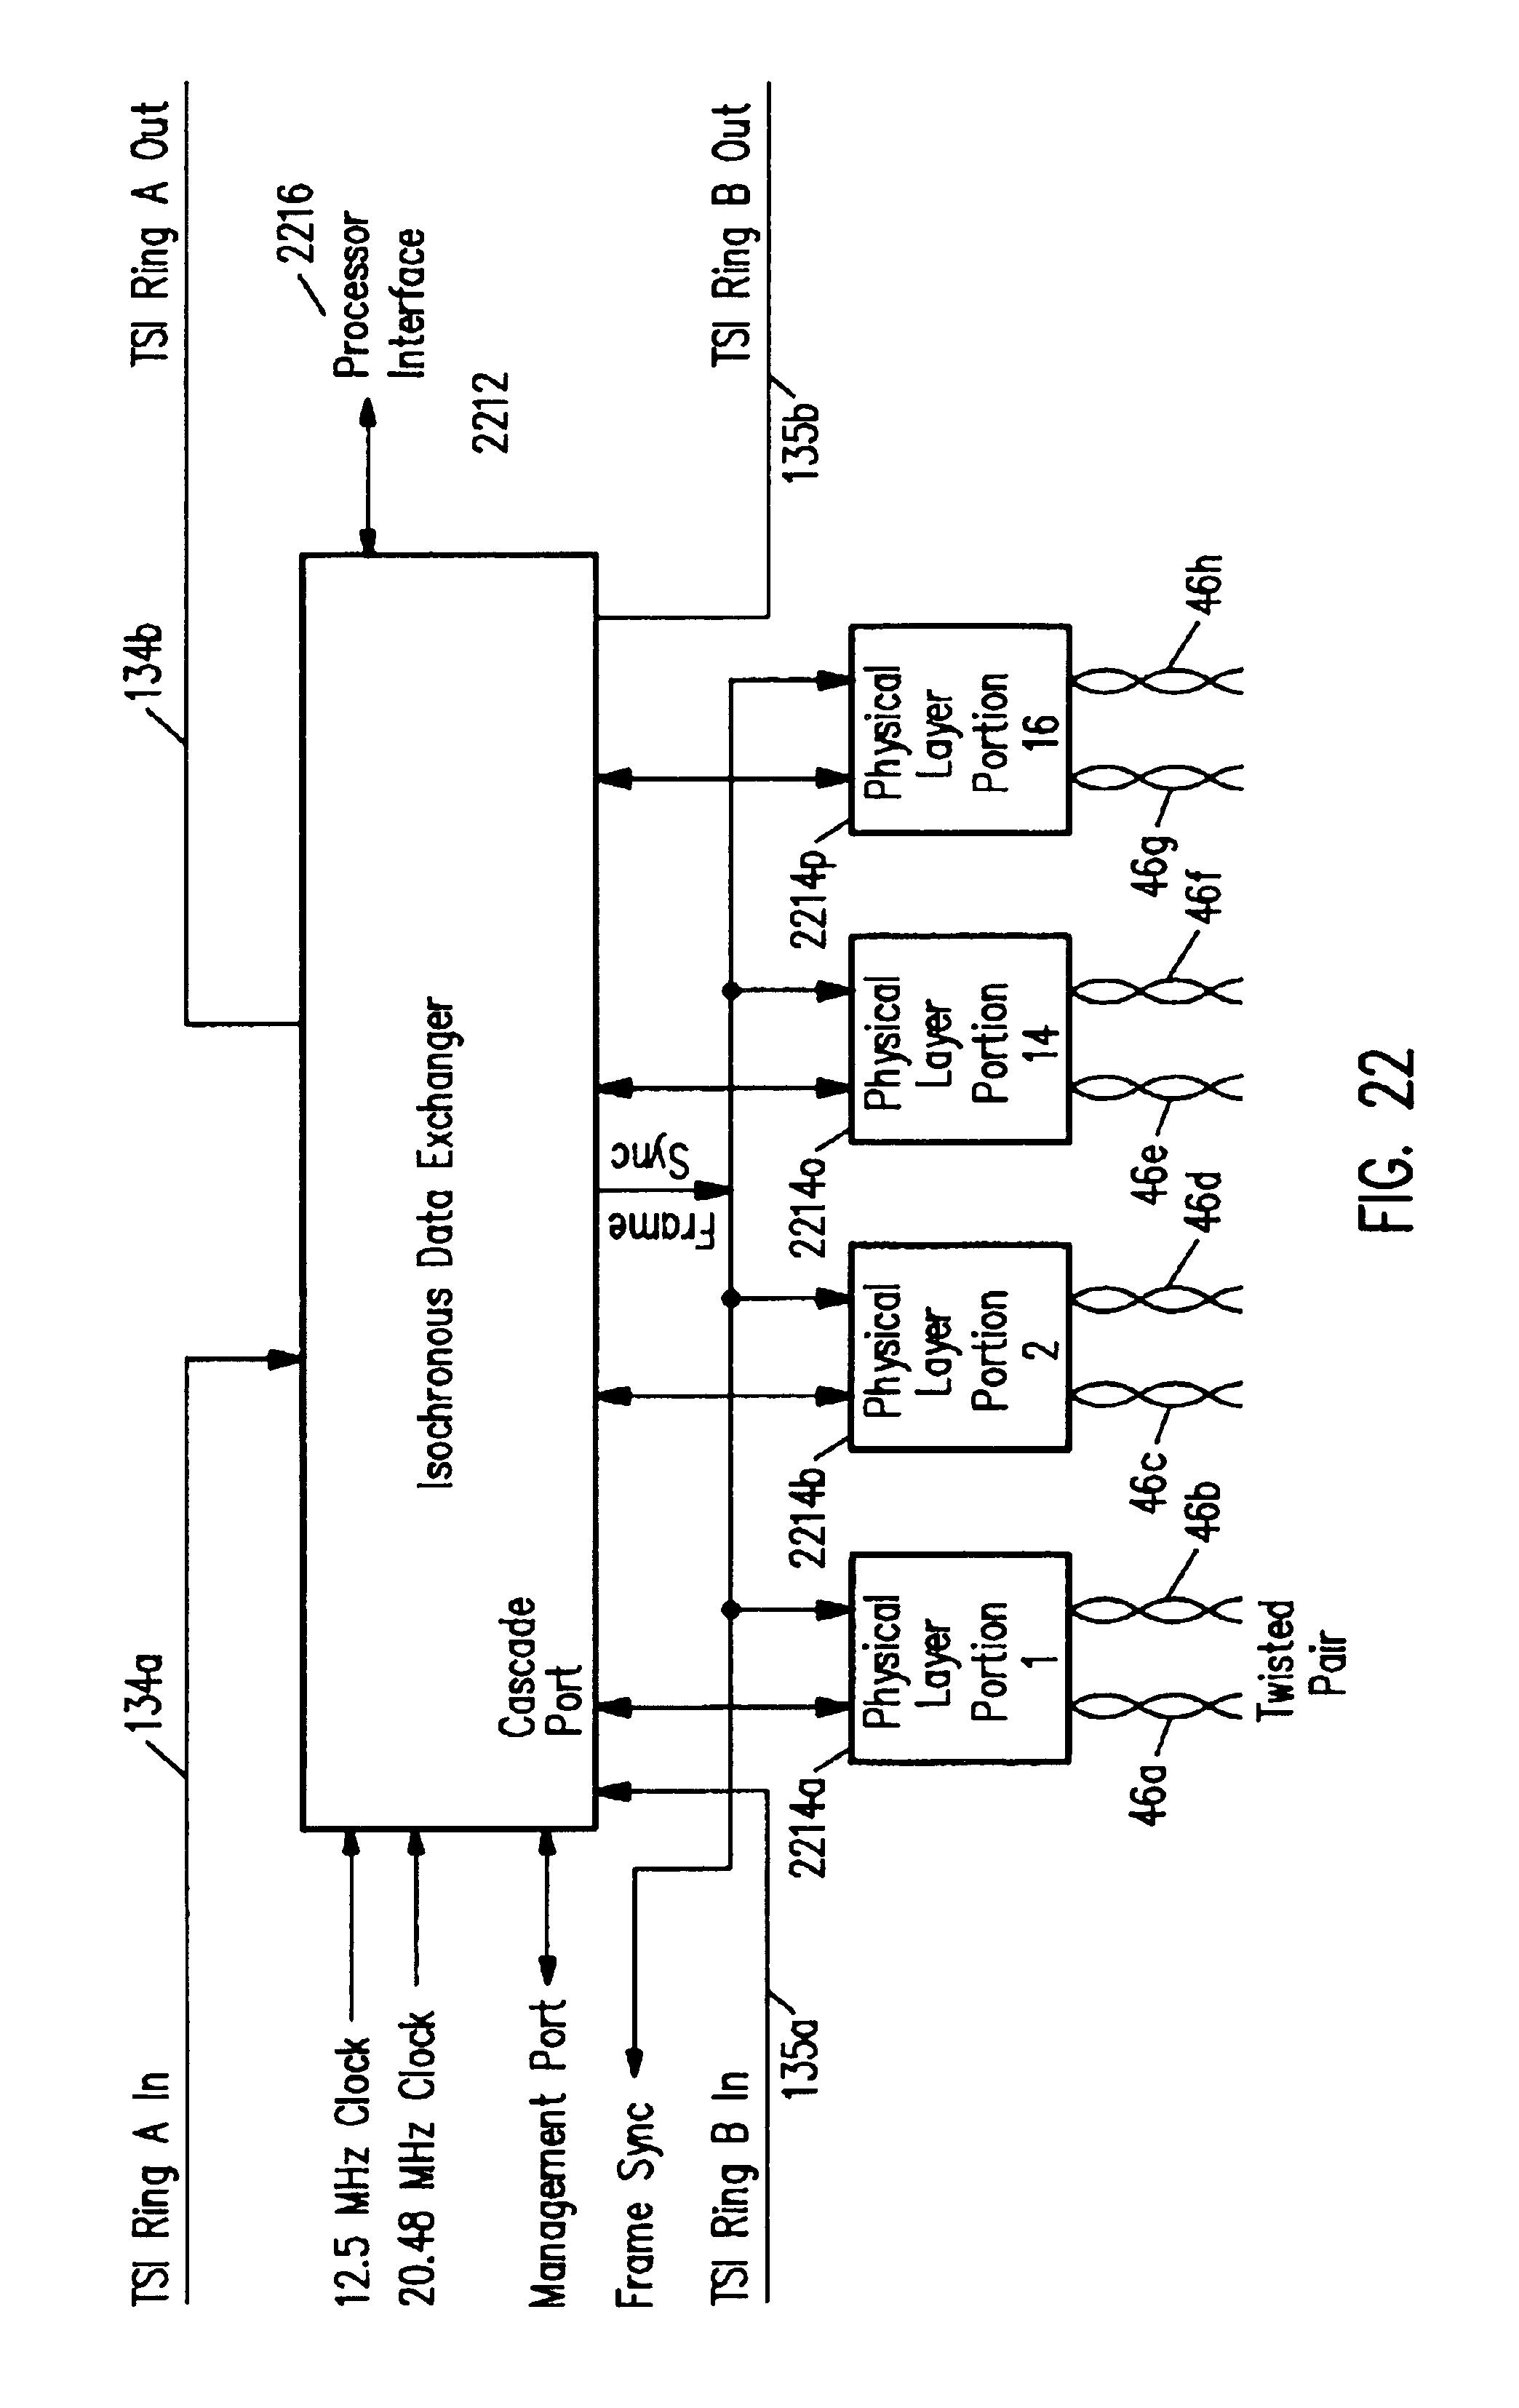 usr-lte-7s4 电路图